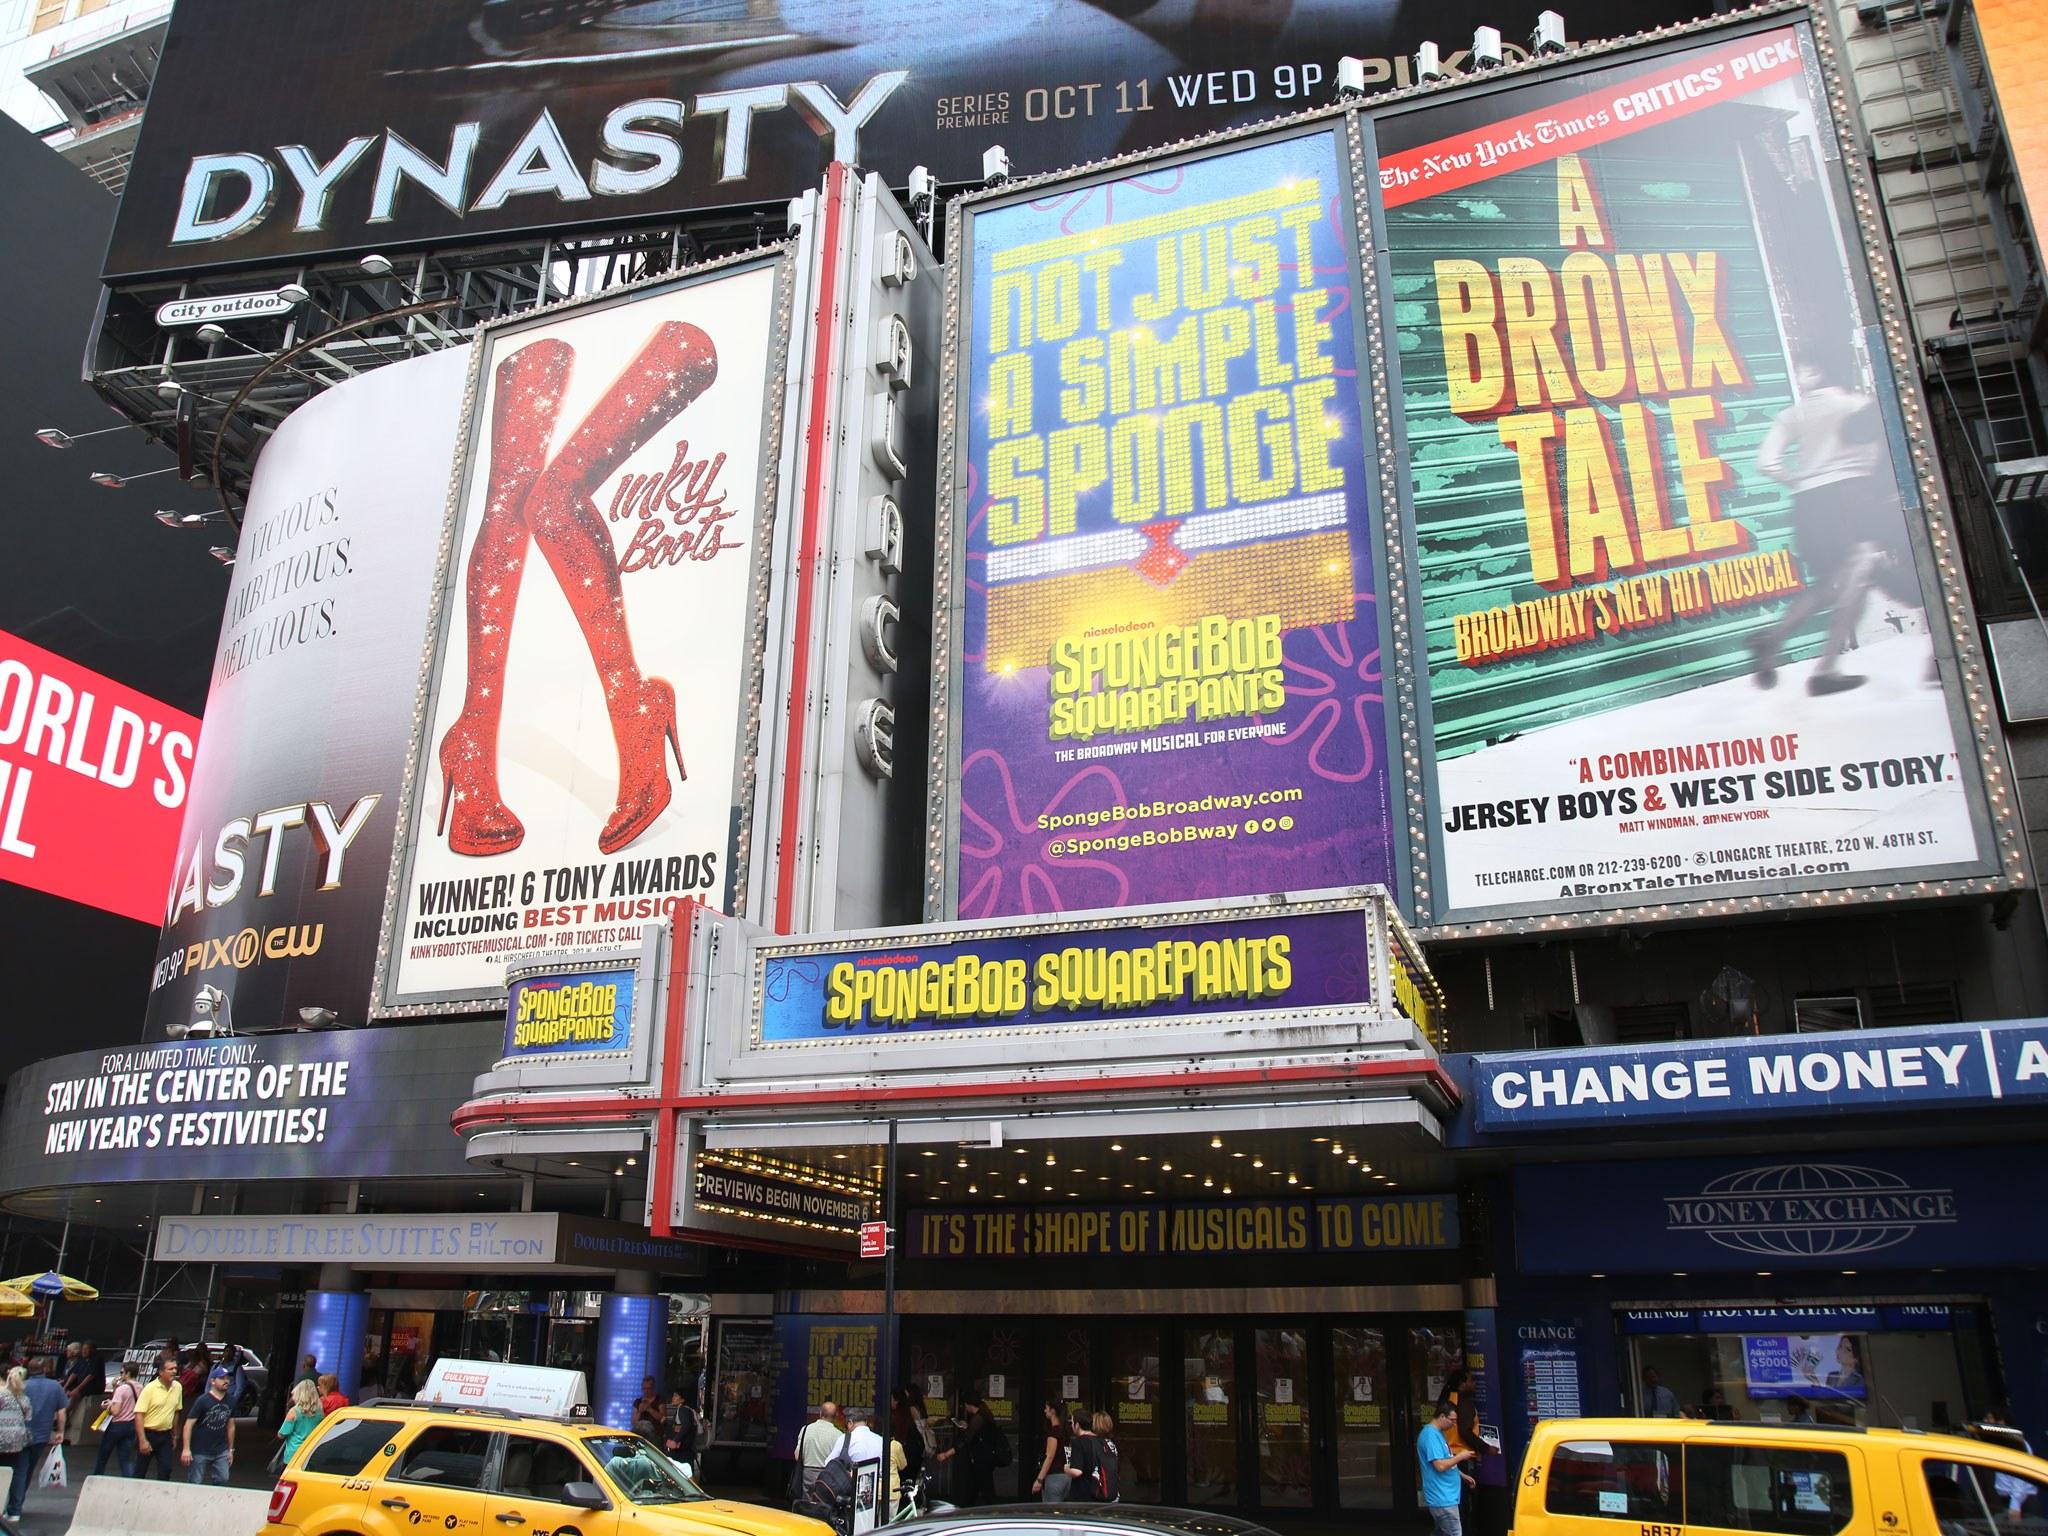 Spongebob Marquee on Broadway